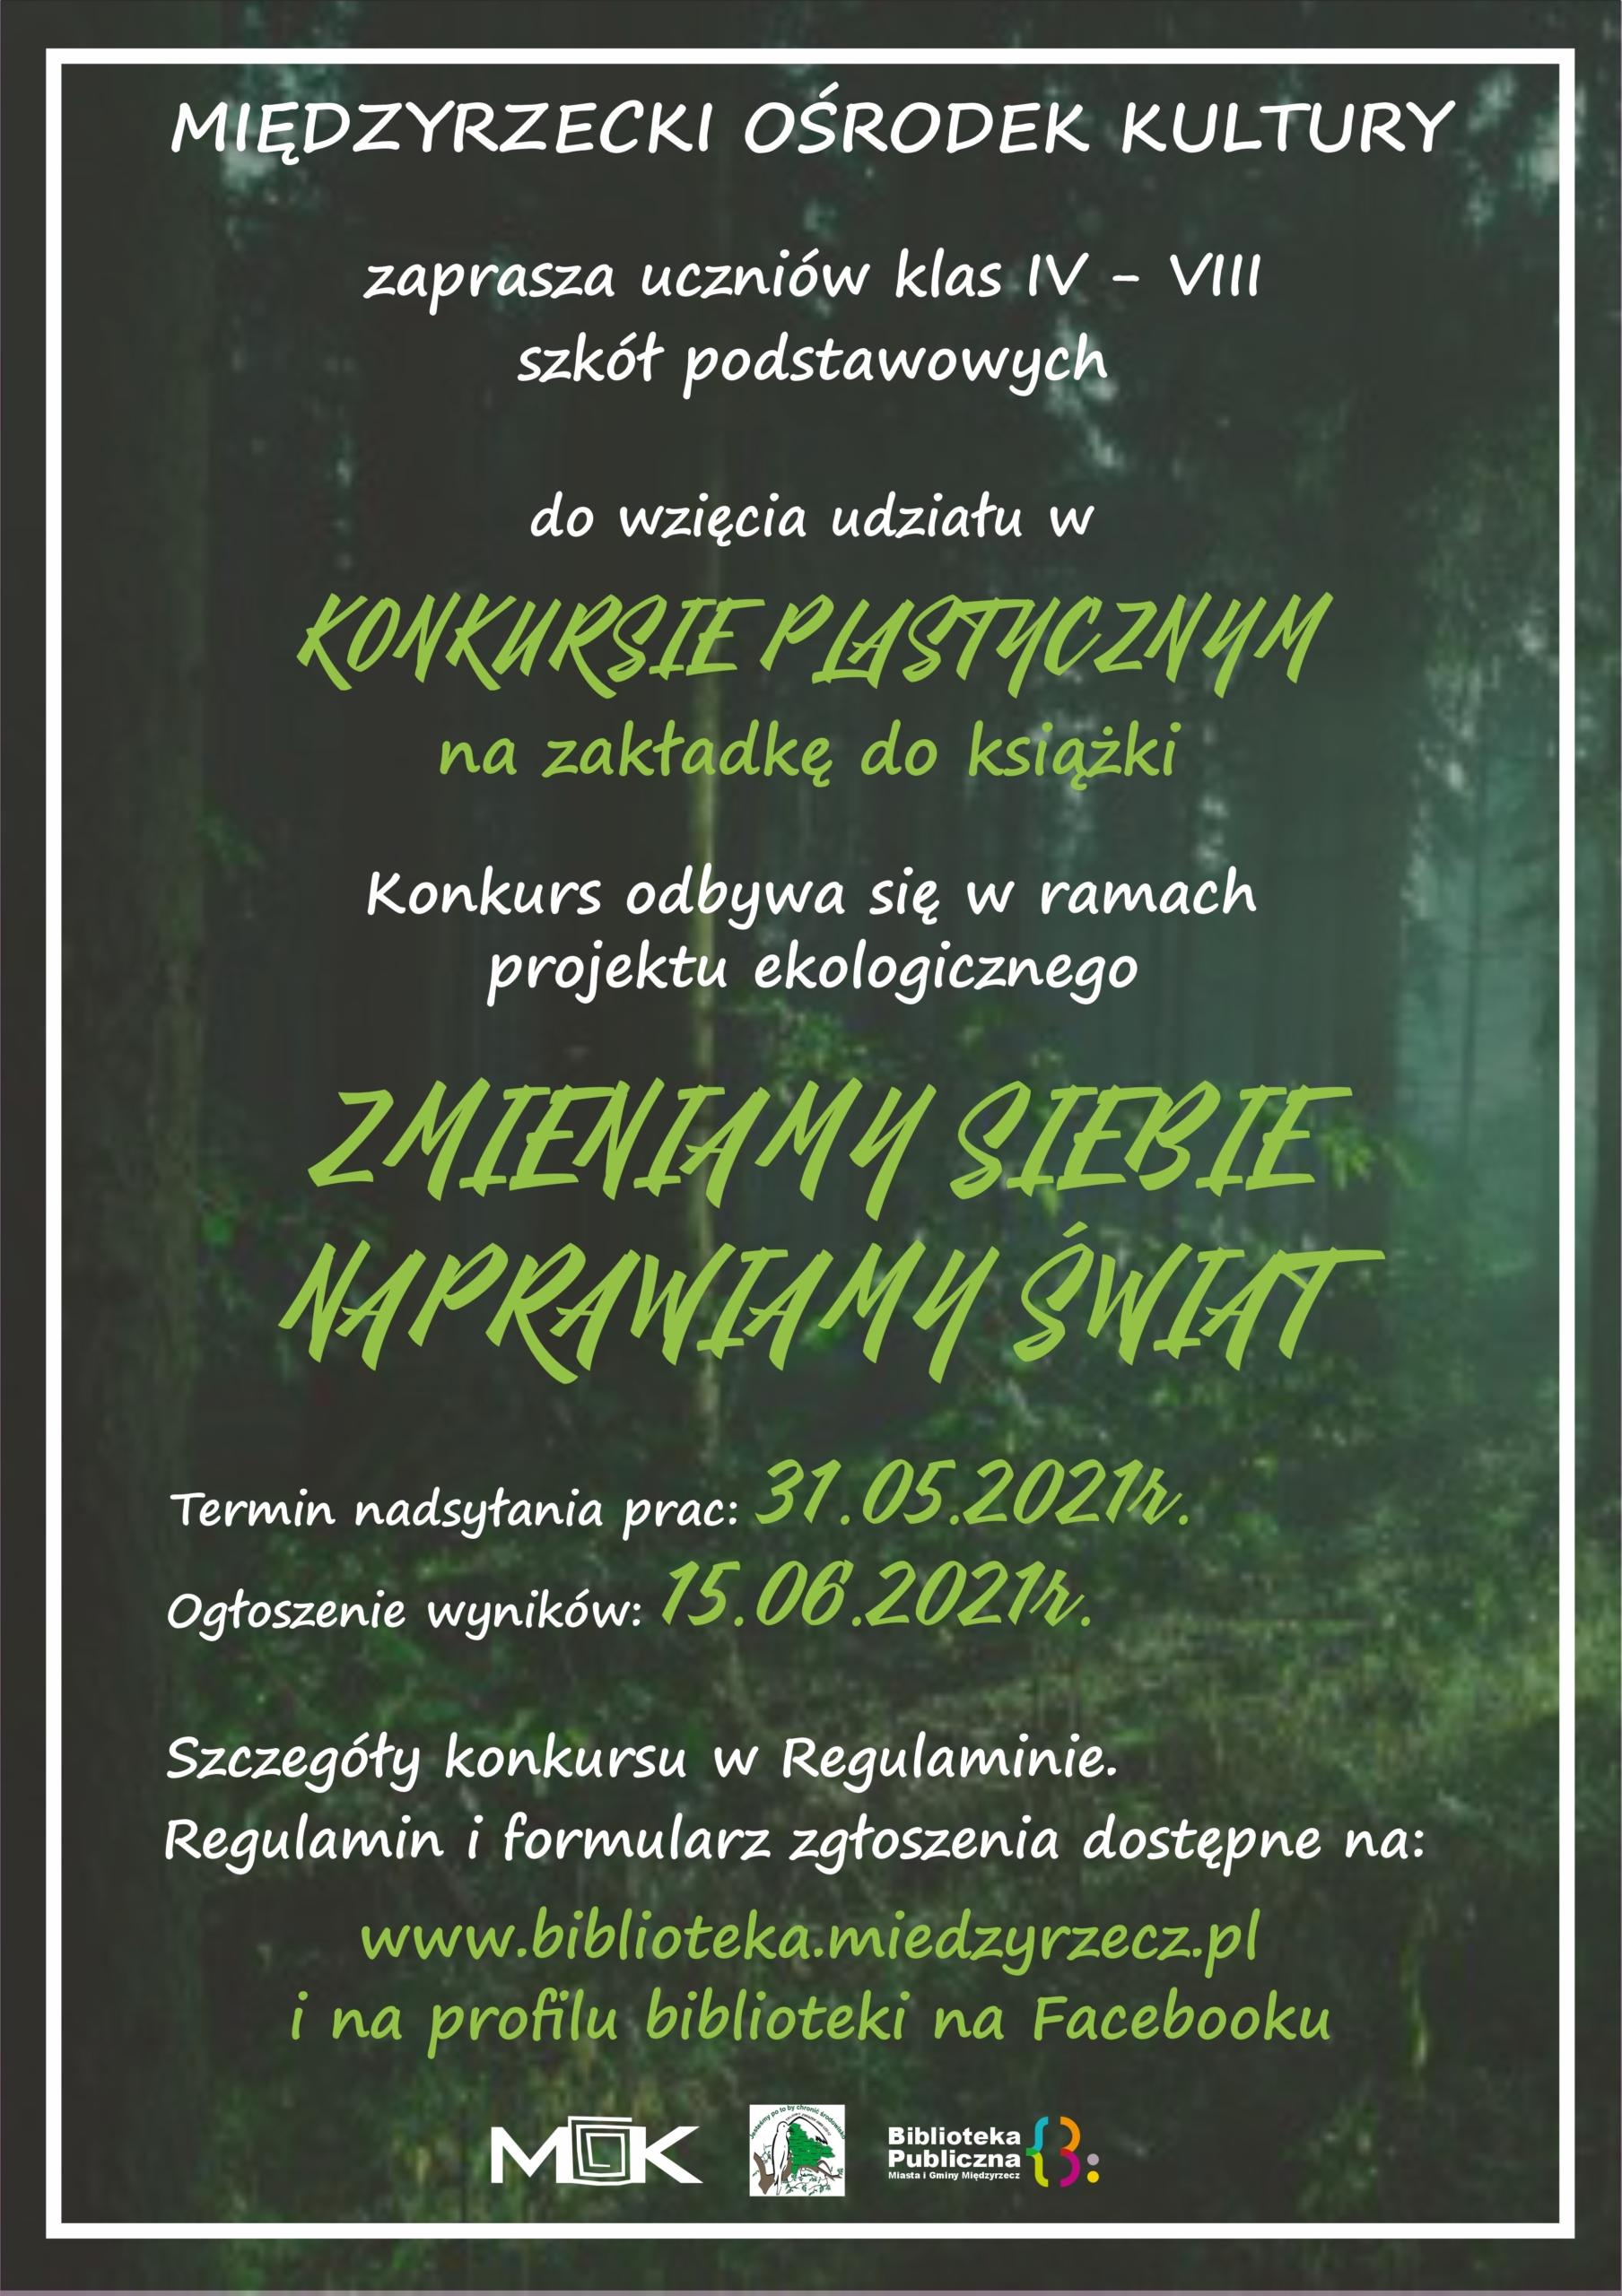 Plakat promujący konkurs plasttyczny na zakładkę do książki